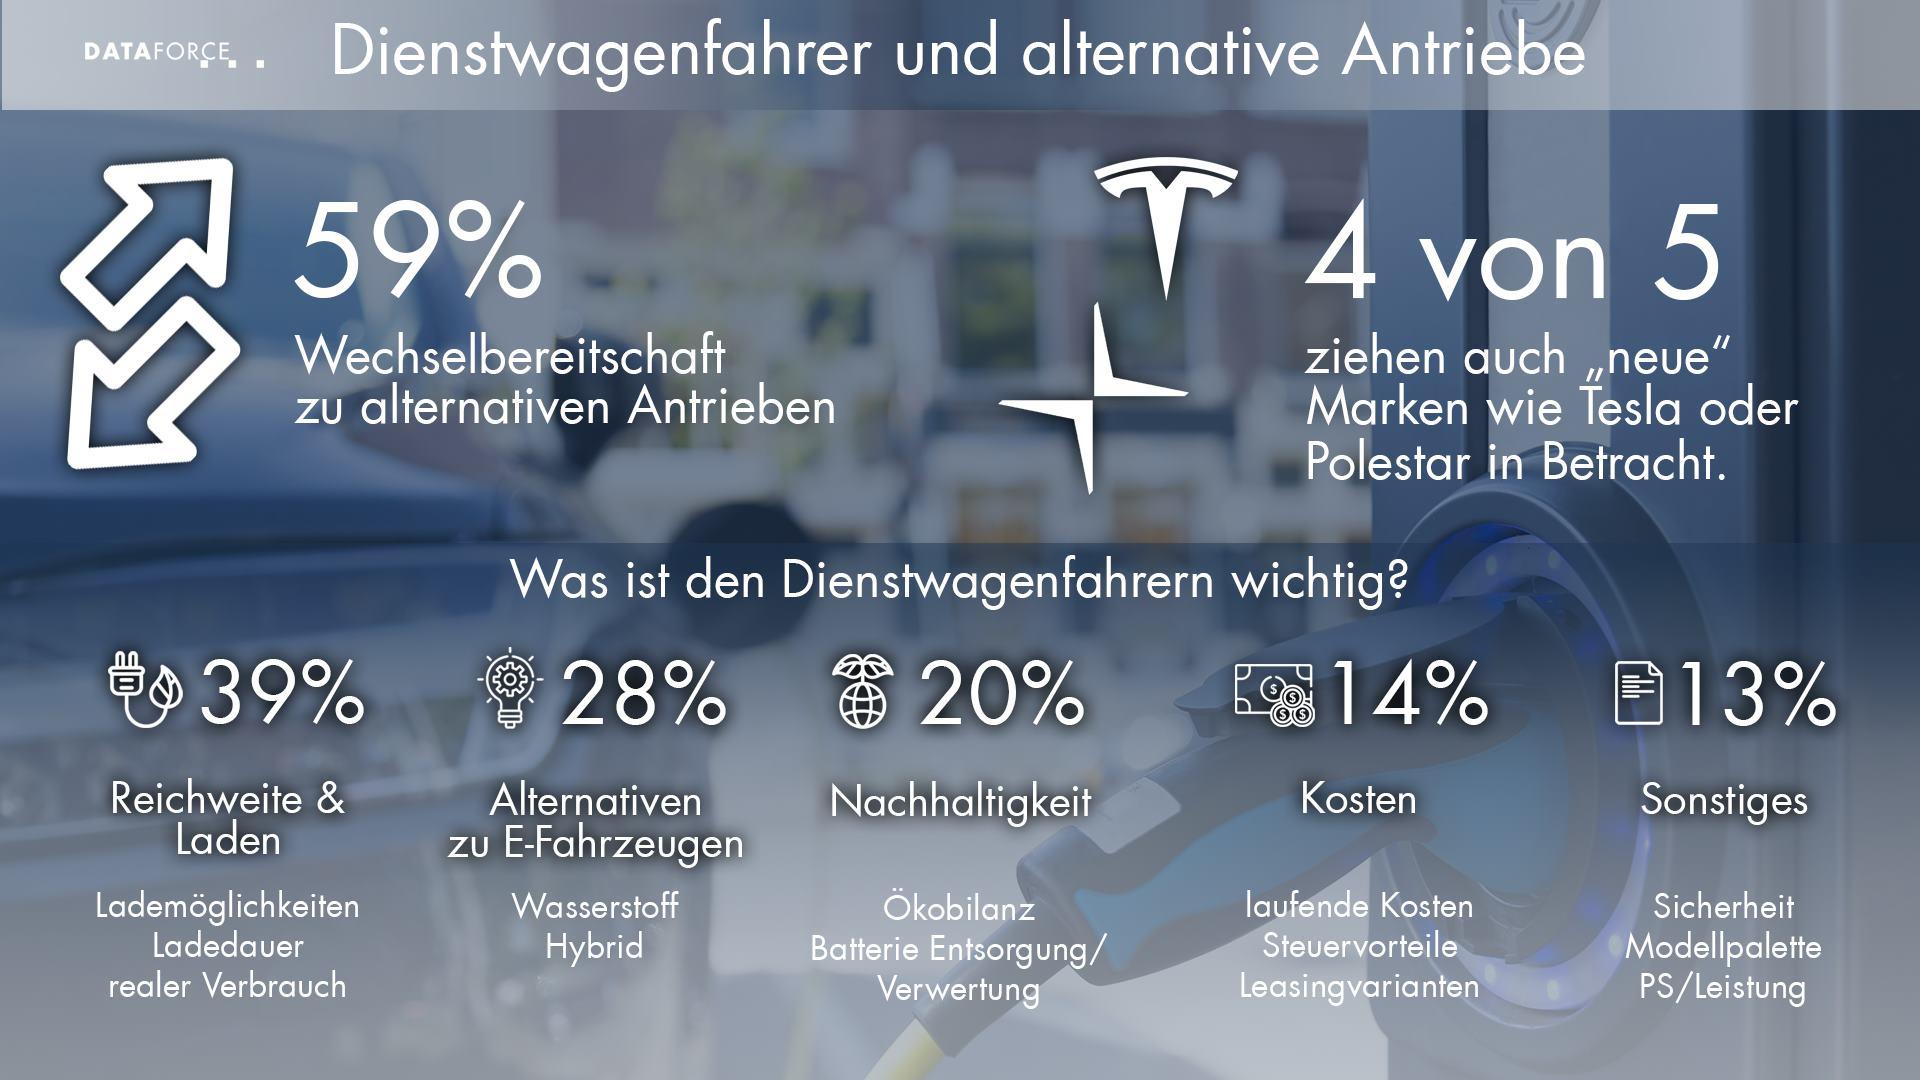 Infografik Dienstwagenfahrer